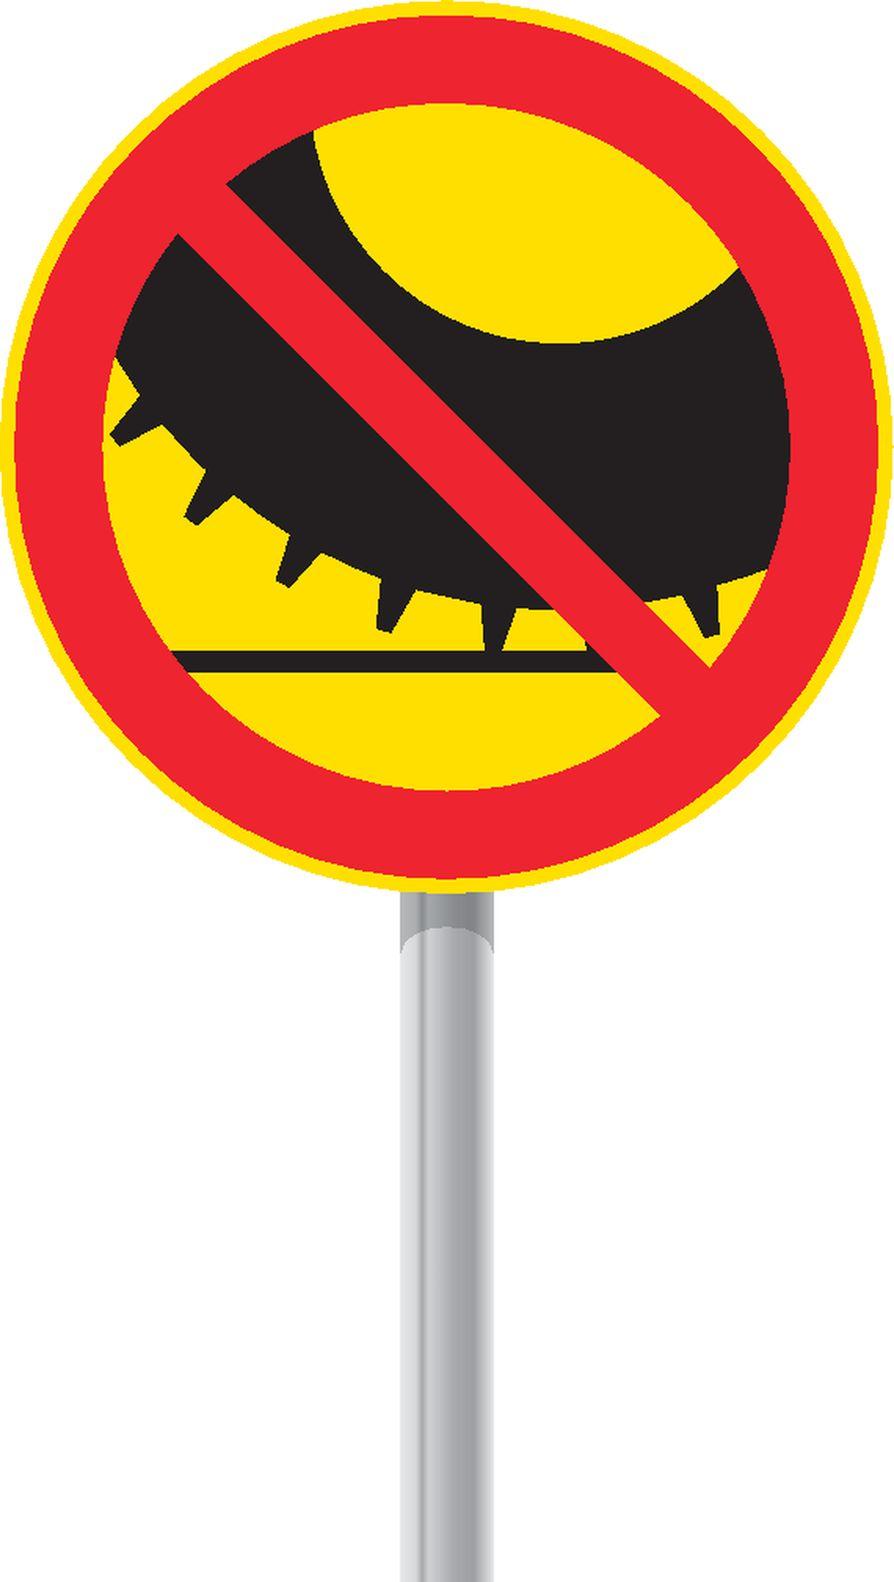 Yksi Suomeen ehdotettavista uusista liikennemerkeistä kieltää ajamisen nastarenkailla varustetulla moottorikäyttöisellä ajoneuvolla. Kieltotien varrella olevalle kiinteistölle saisi kuitenkin ajaa nastoillakin, jos muuta ajoyhteyttä ei ole.